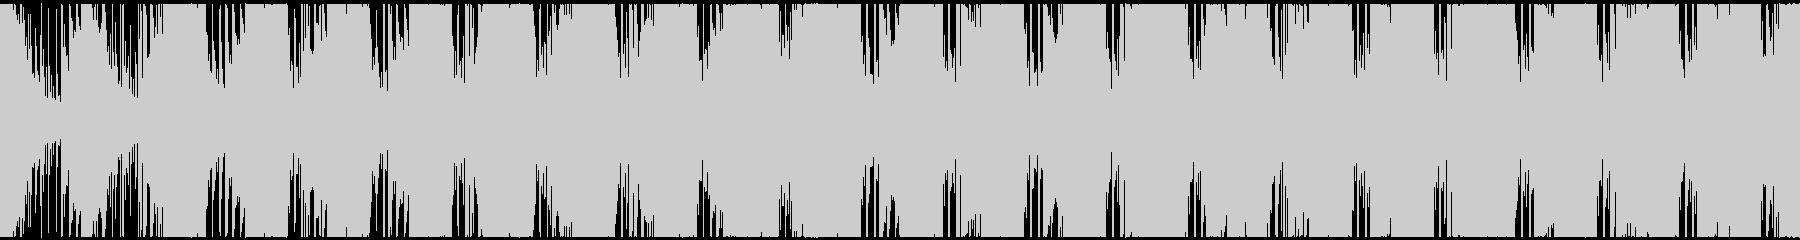 【ループ対応s】アクション映画トレーラーの未再生の波形